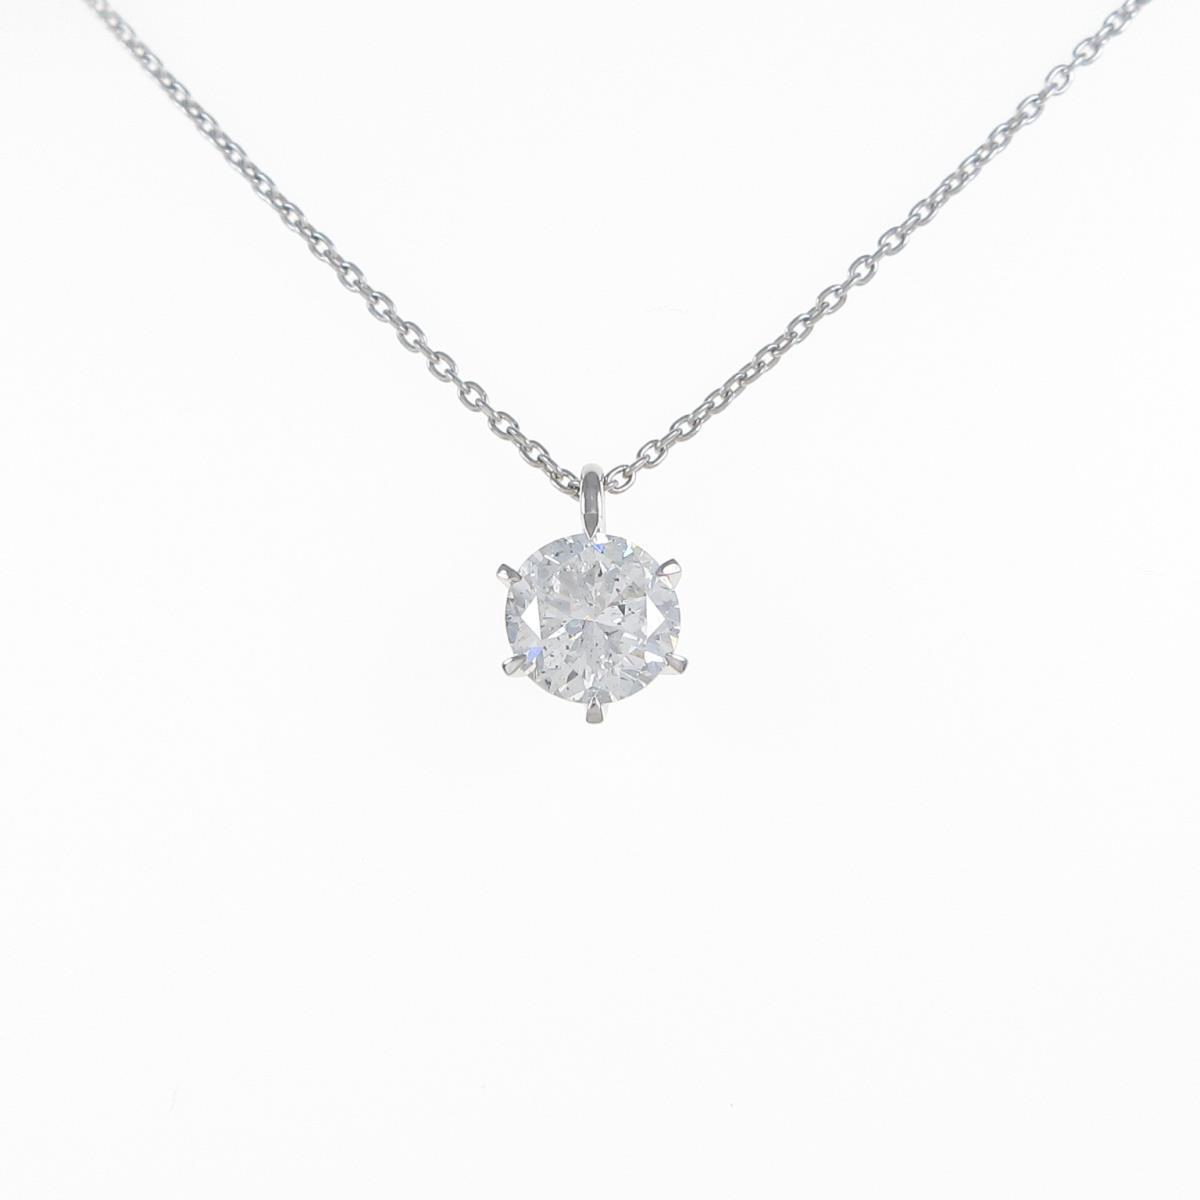 【リメイク】プラチナダイヤモンドネックレス 1.581ct・G・SI2・GOOD【中古】